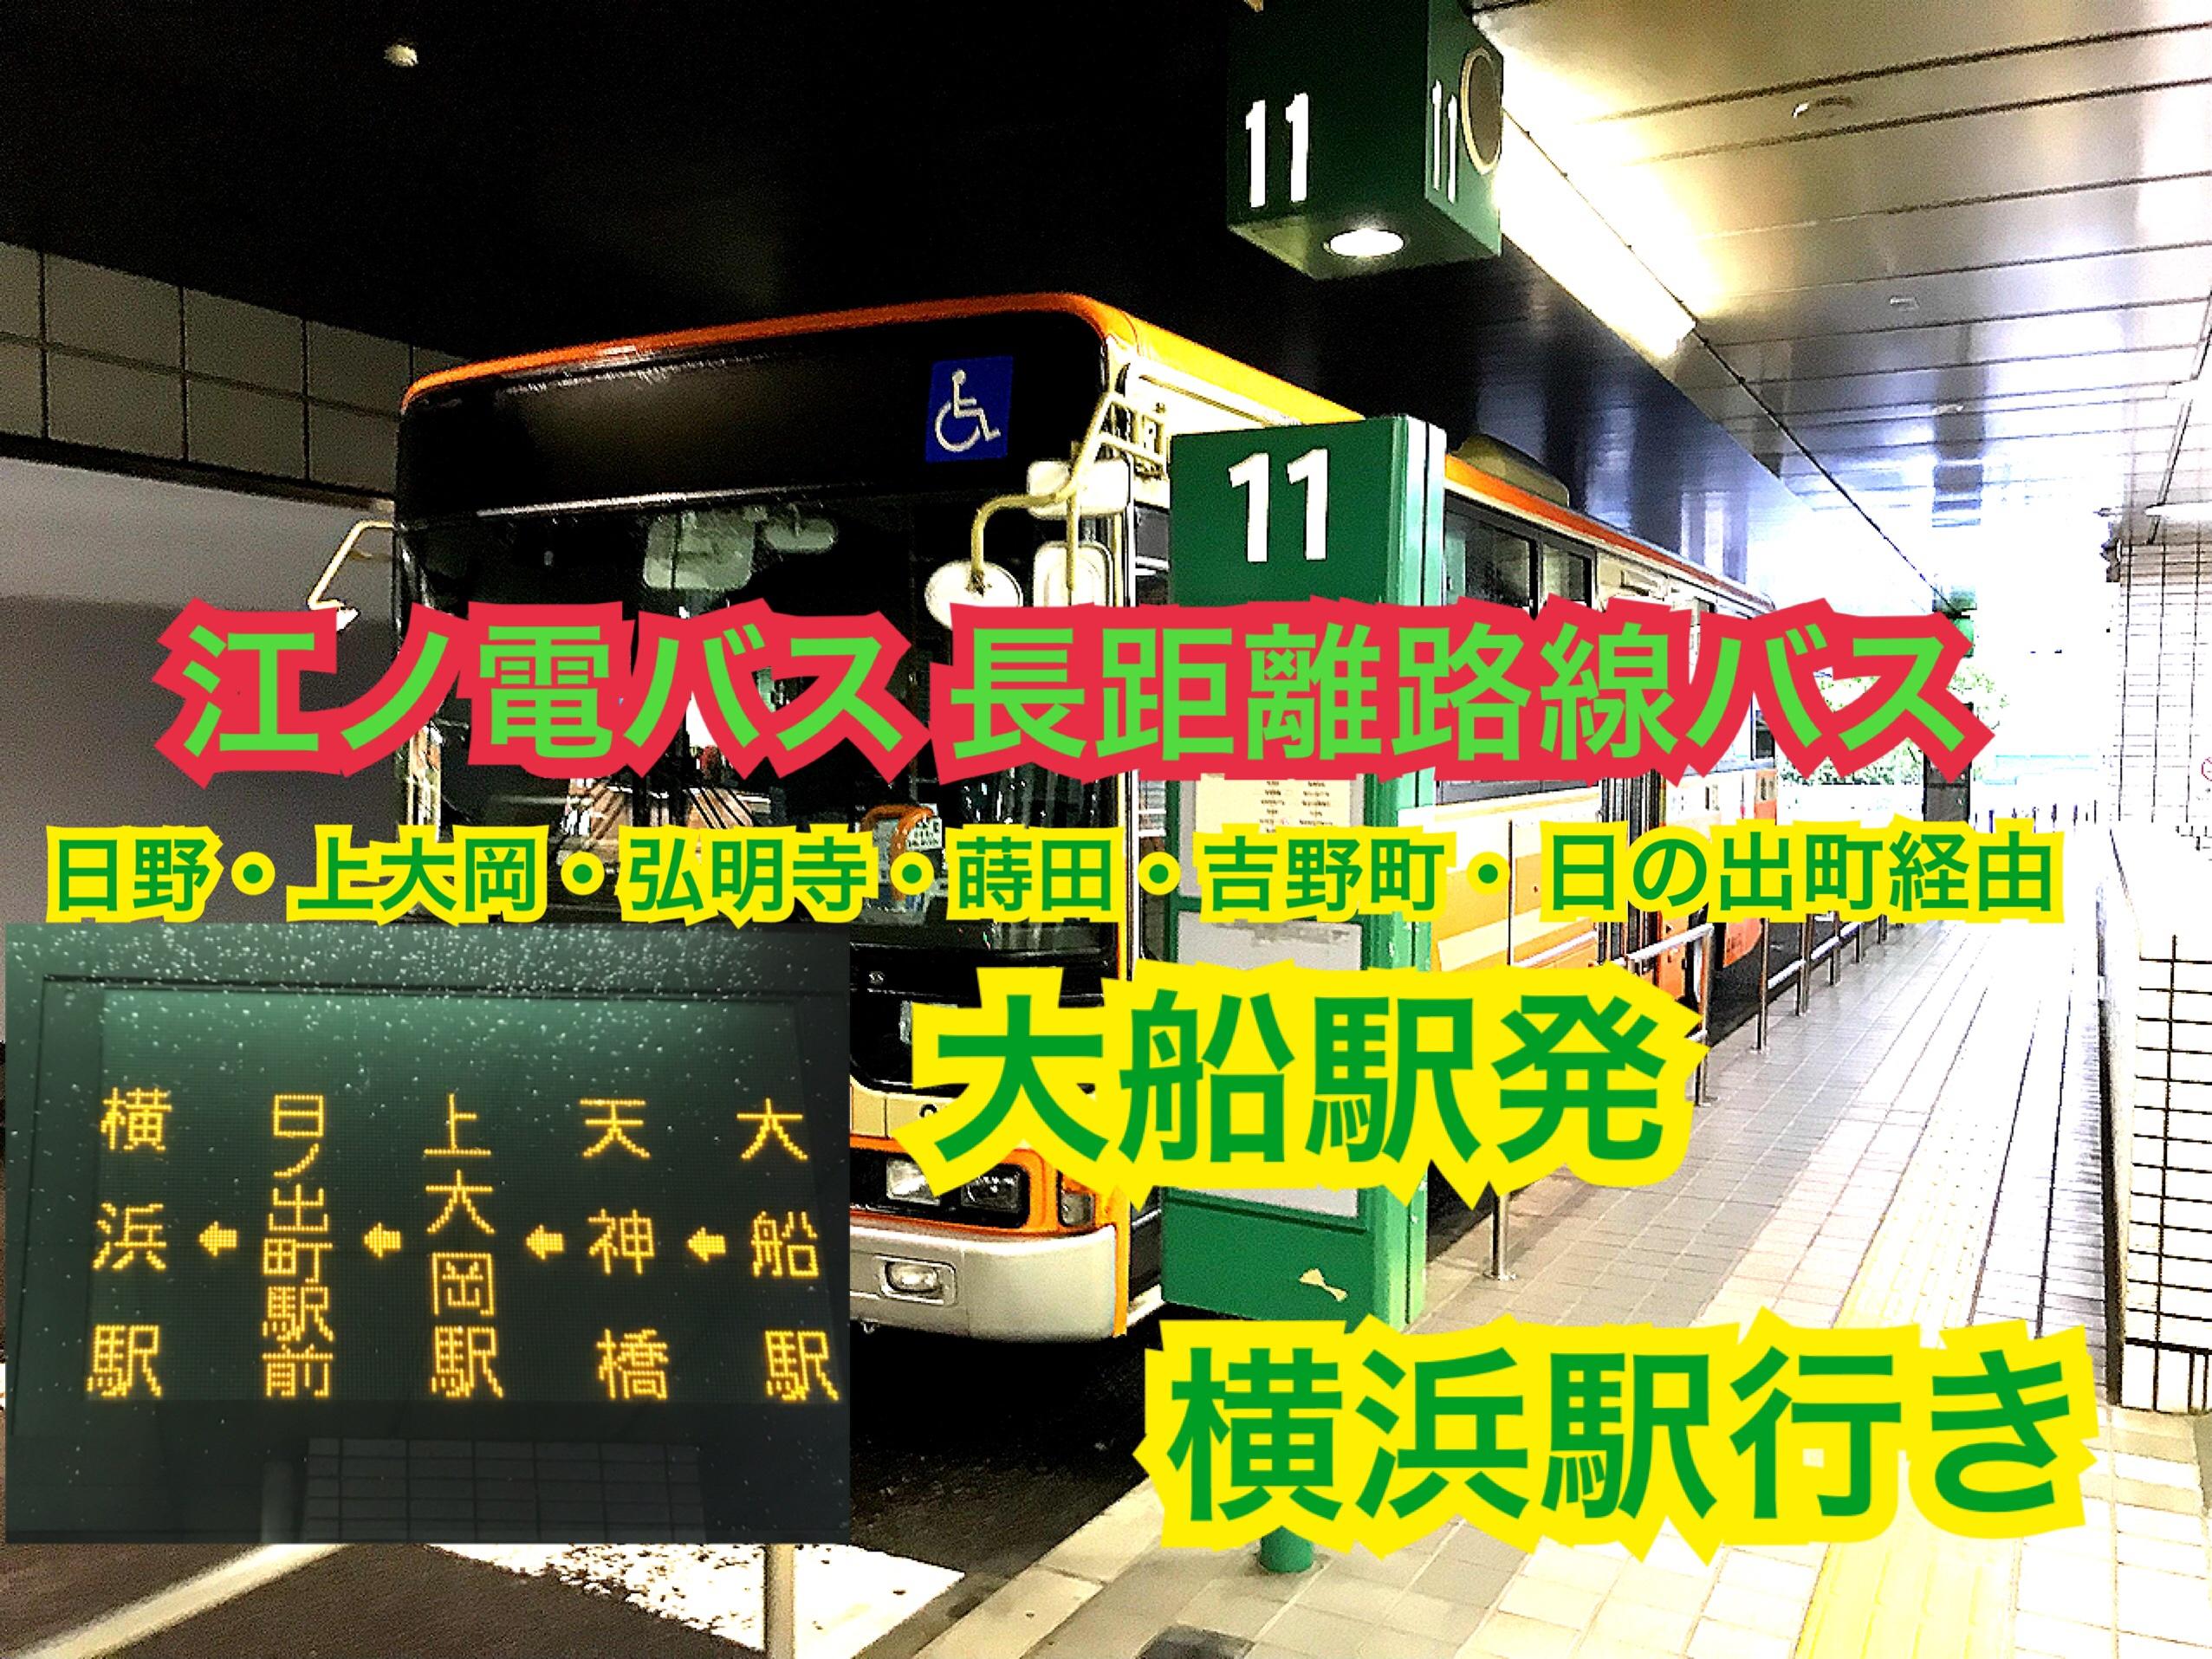 【路線バスの旅】江ノ電バスで大船から横浜へ!横浜のロングランバスに乗車!県立武道館の弓道の試合へ。